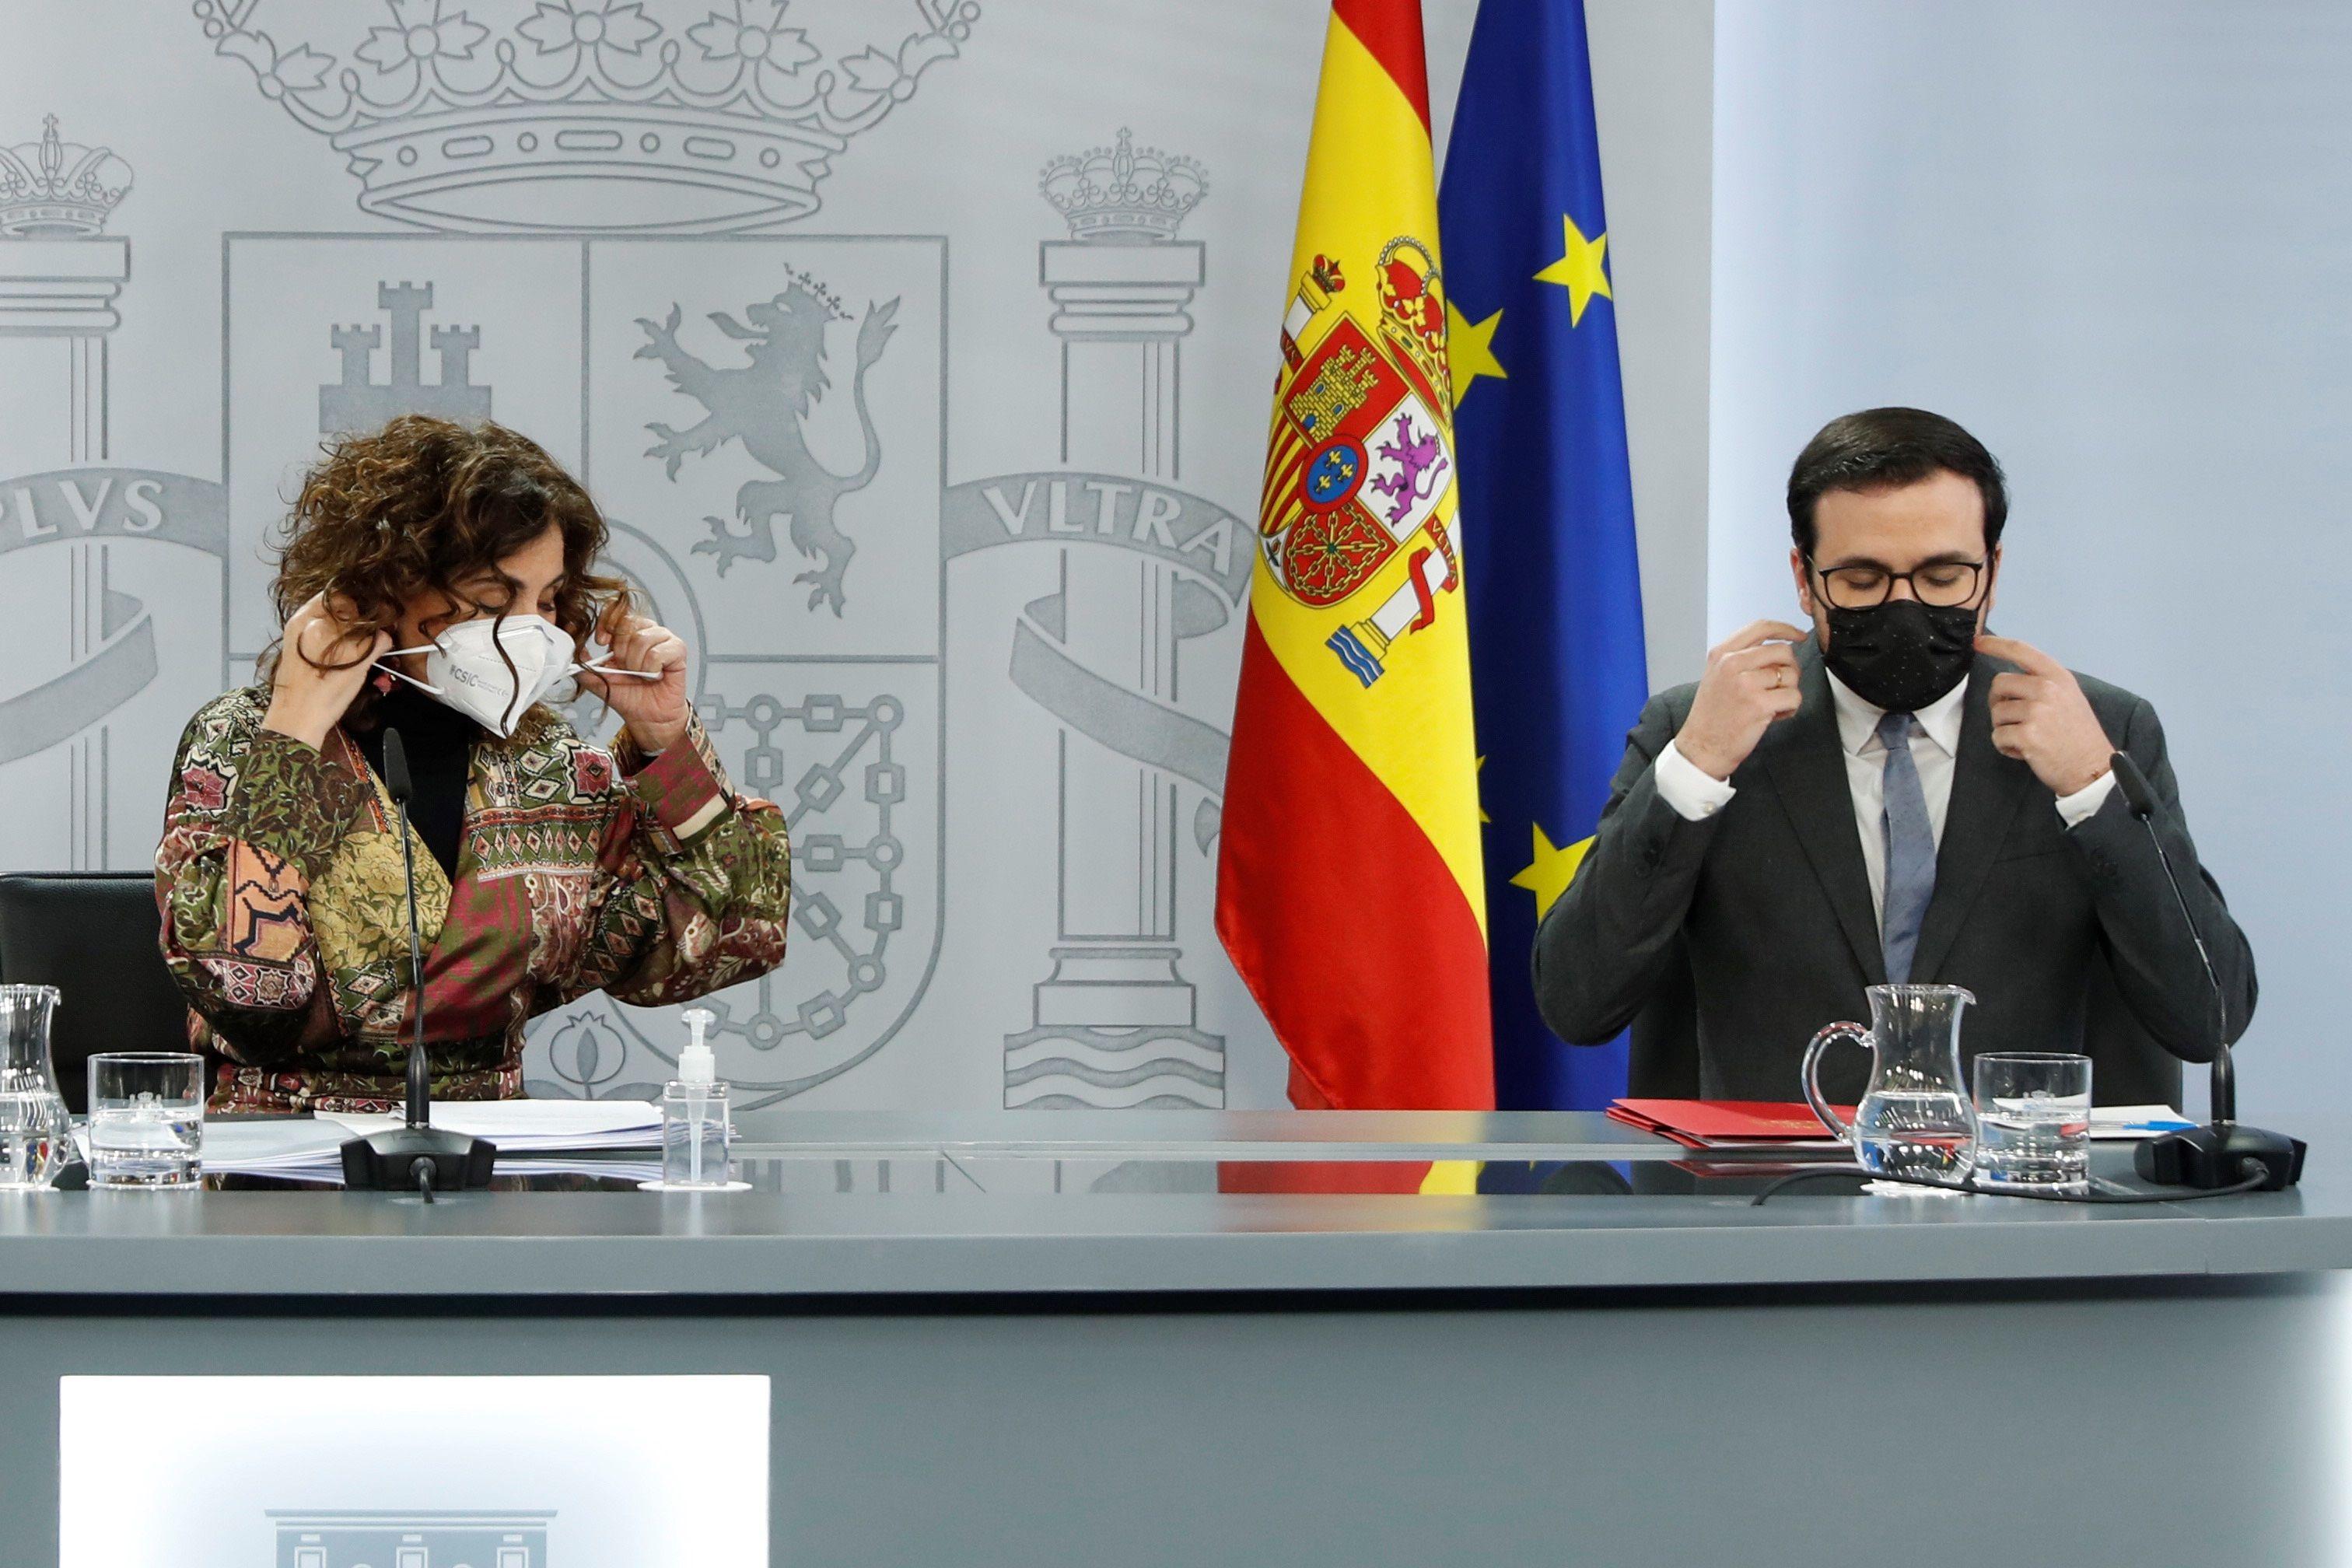 La portavoz del Gobierno y ministra de Hacienda, María Jesús Montero, en la última rueda de prensa de Moncloa.